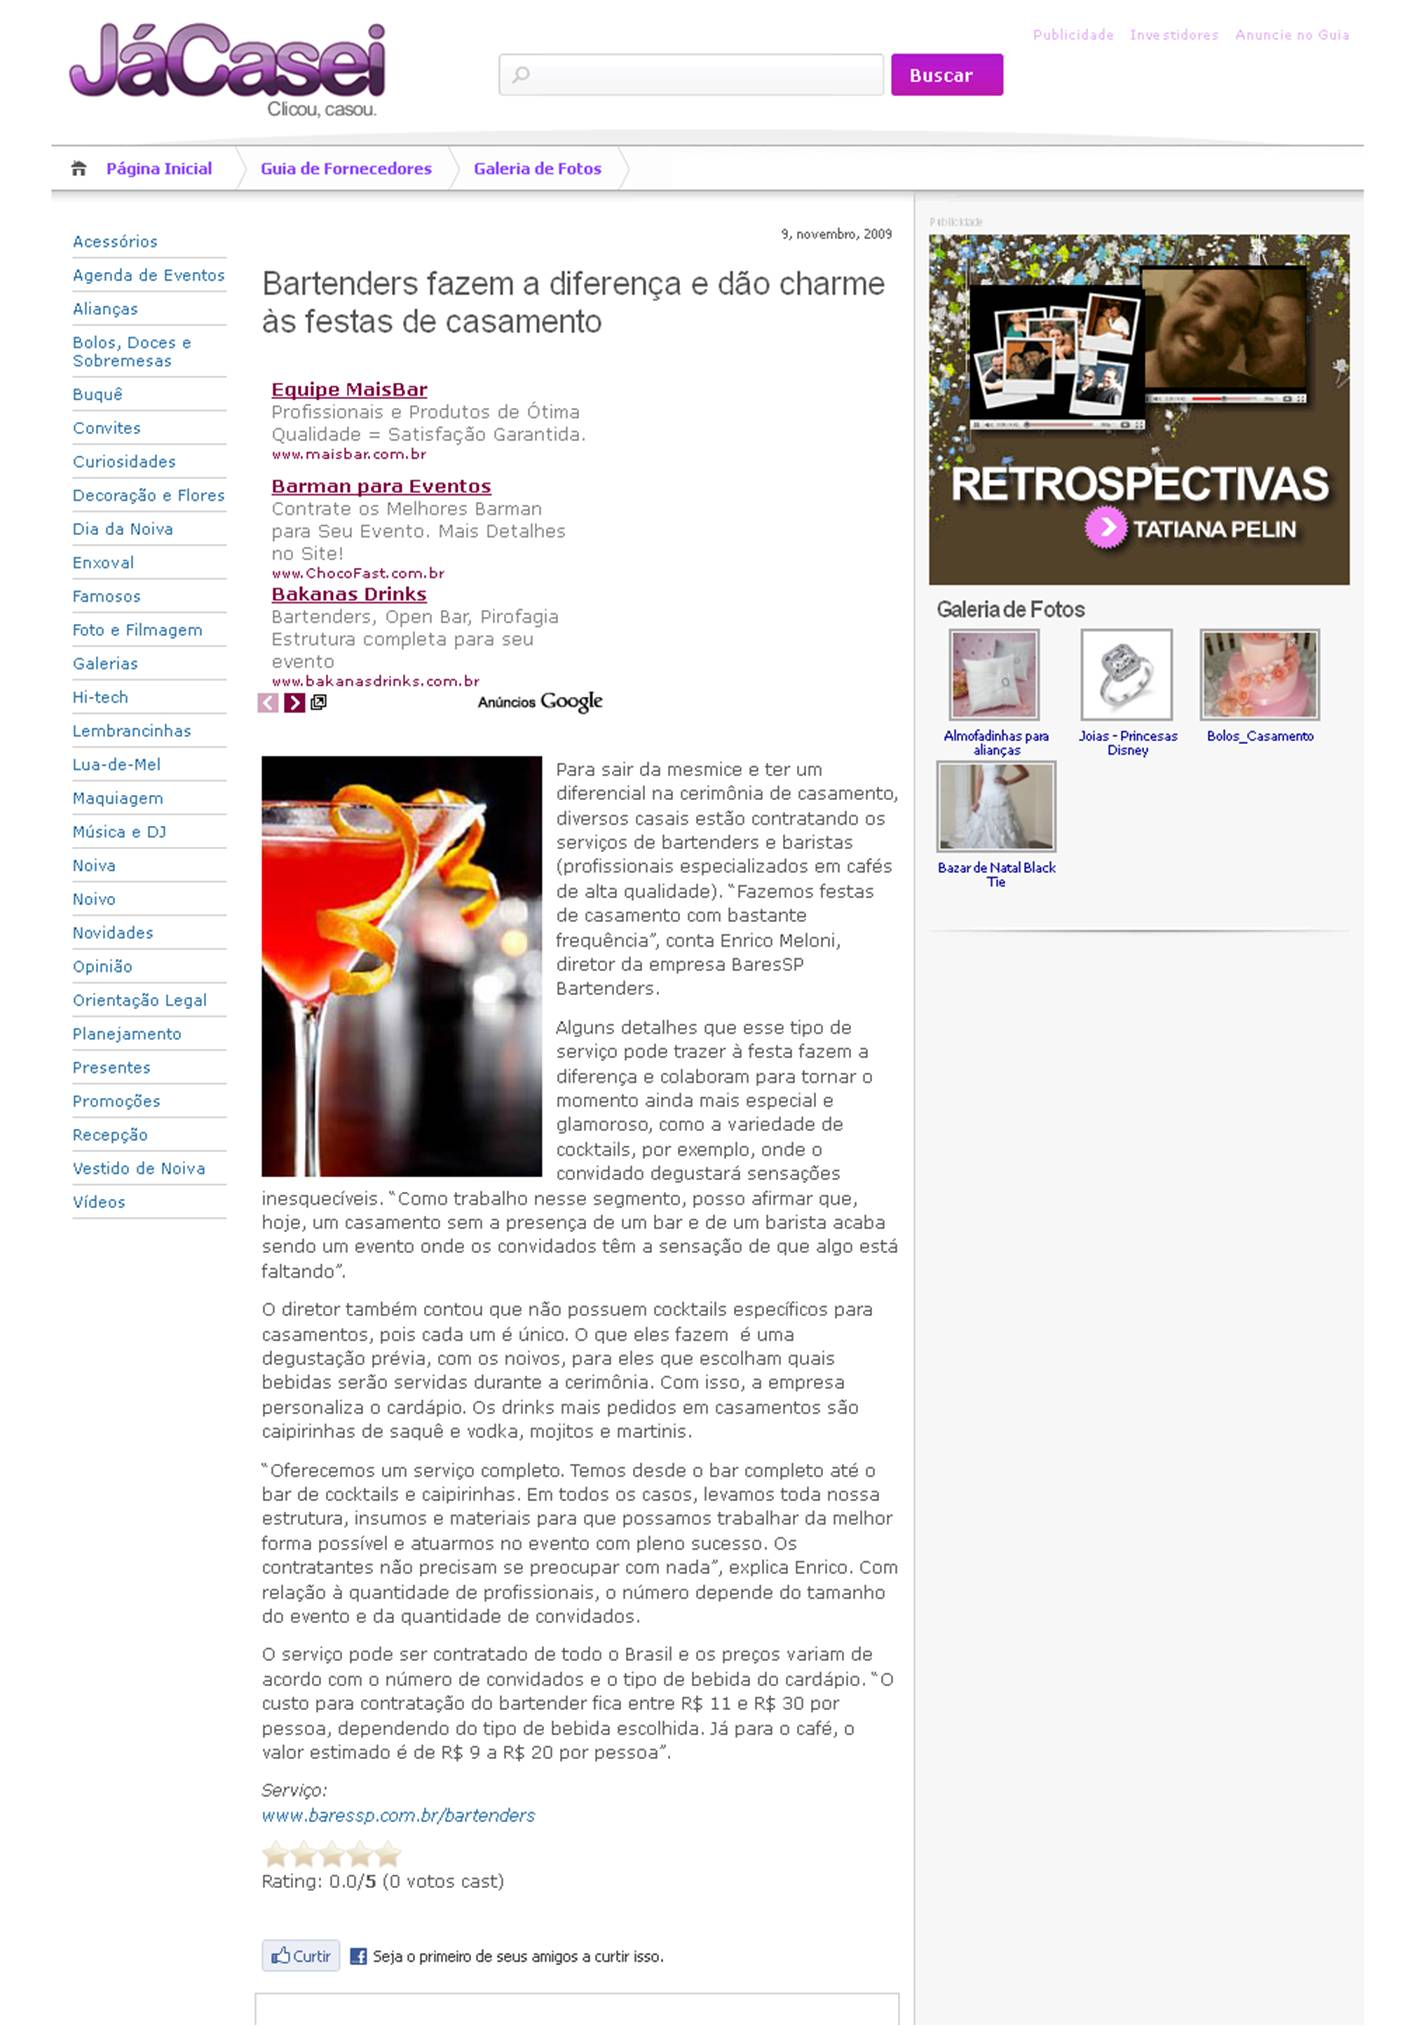 Matéria sobre Bartenders no Site JaCasei.com